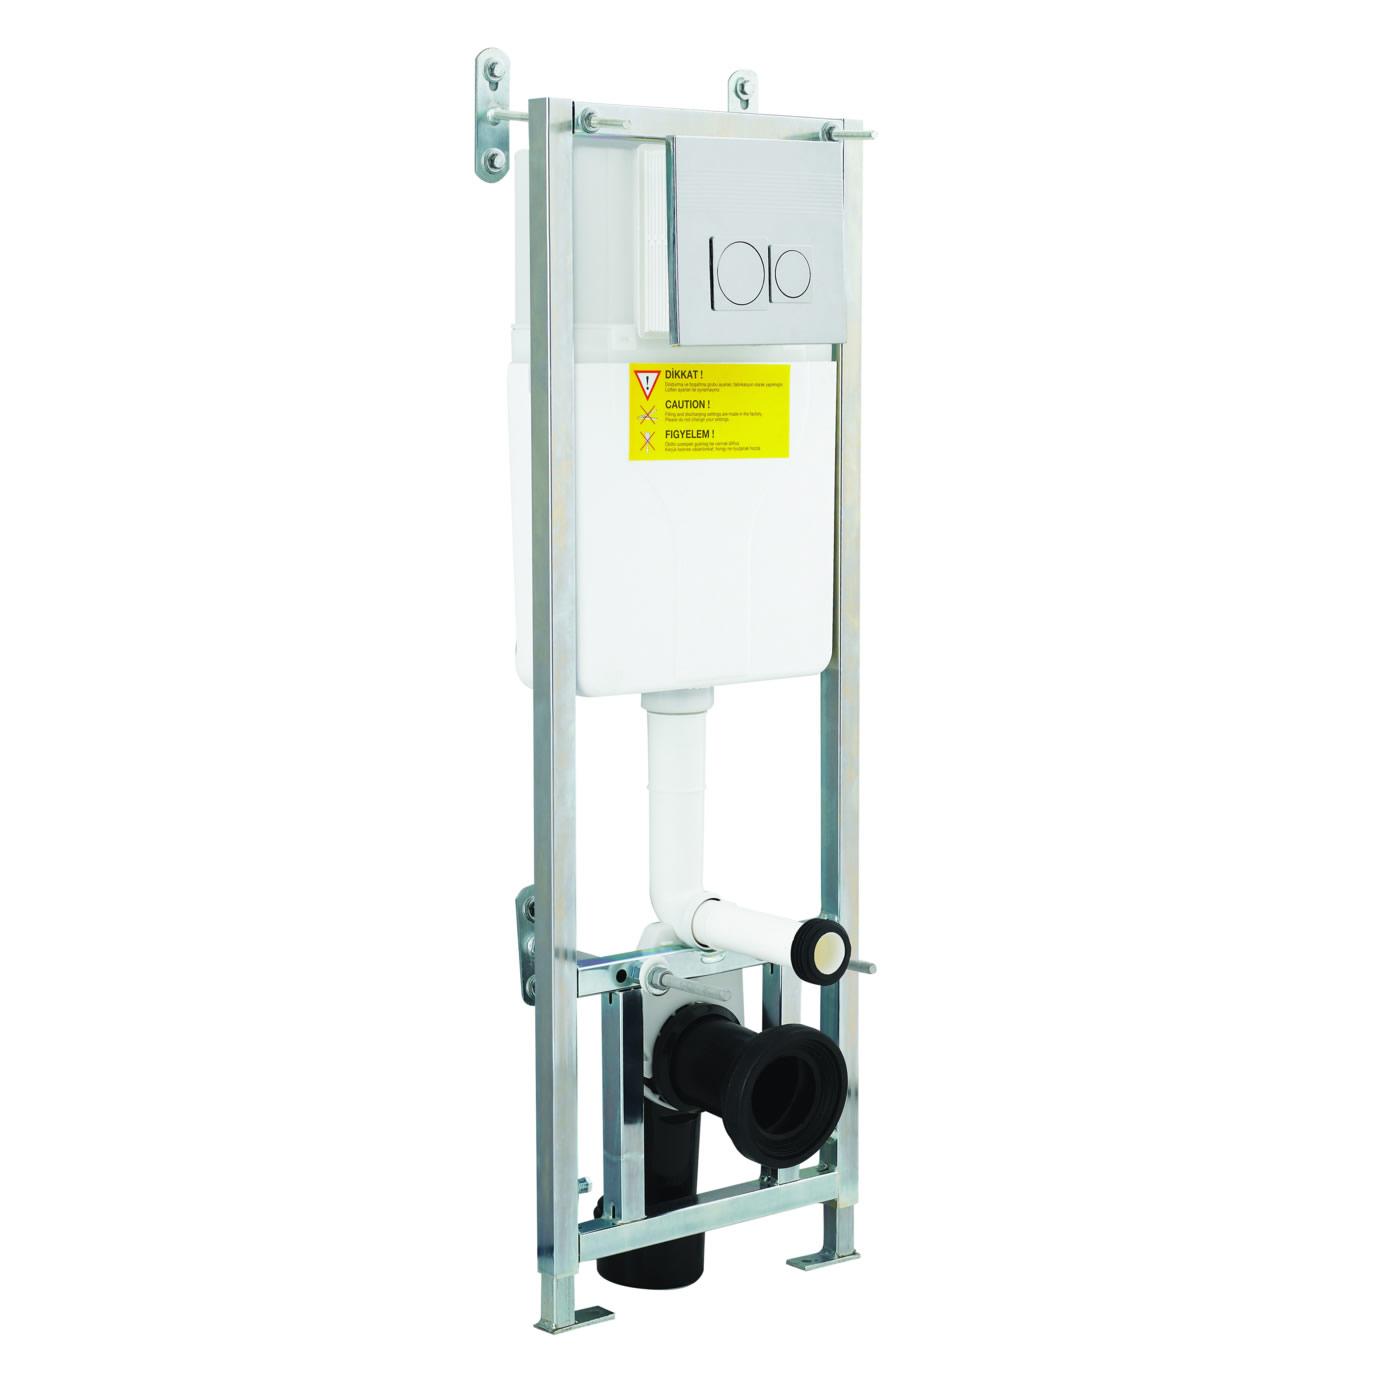 Réservoir châssis pour Toilettes WC suspendus 39.5 x 110cm